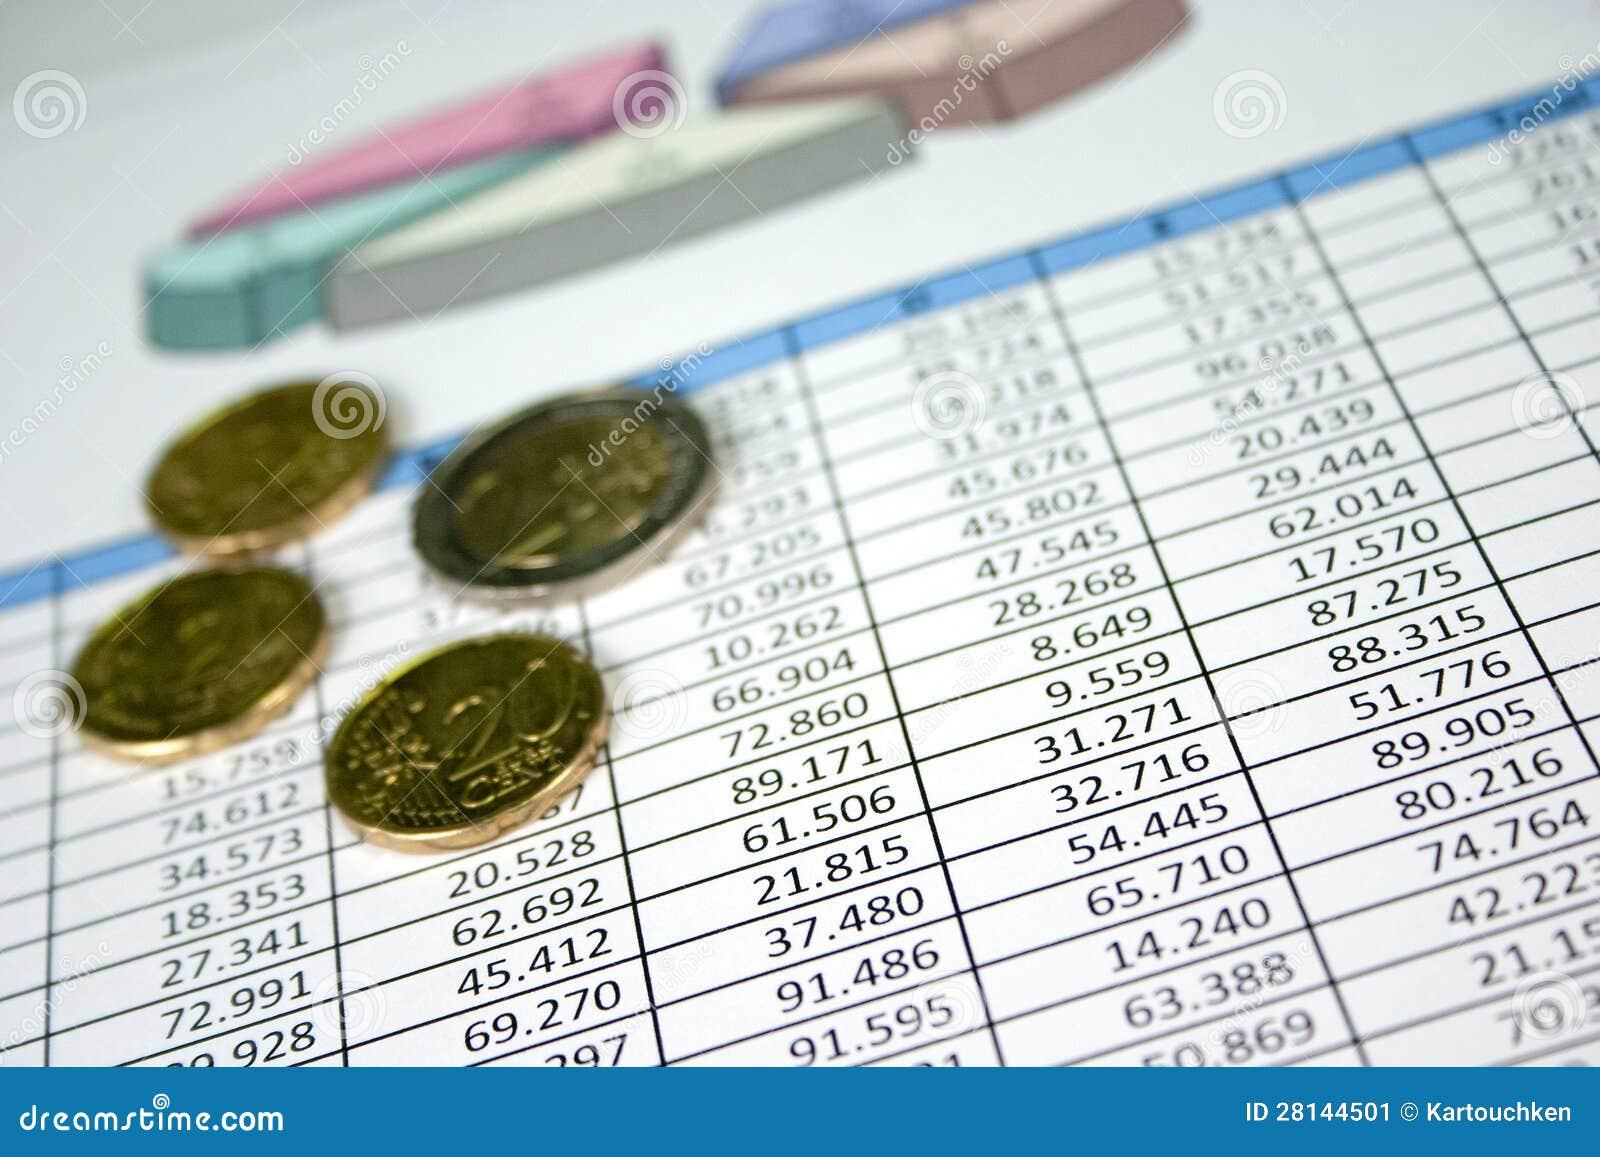 Finansiell ledning kartlägger 11